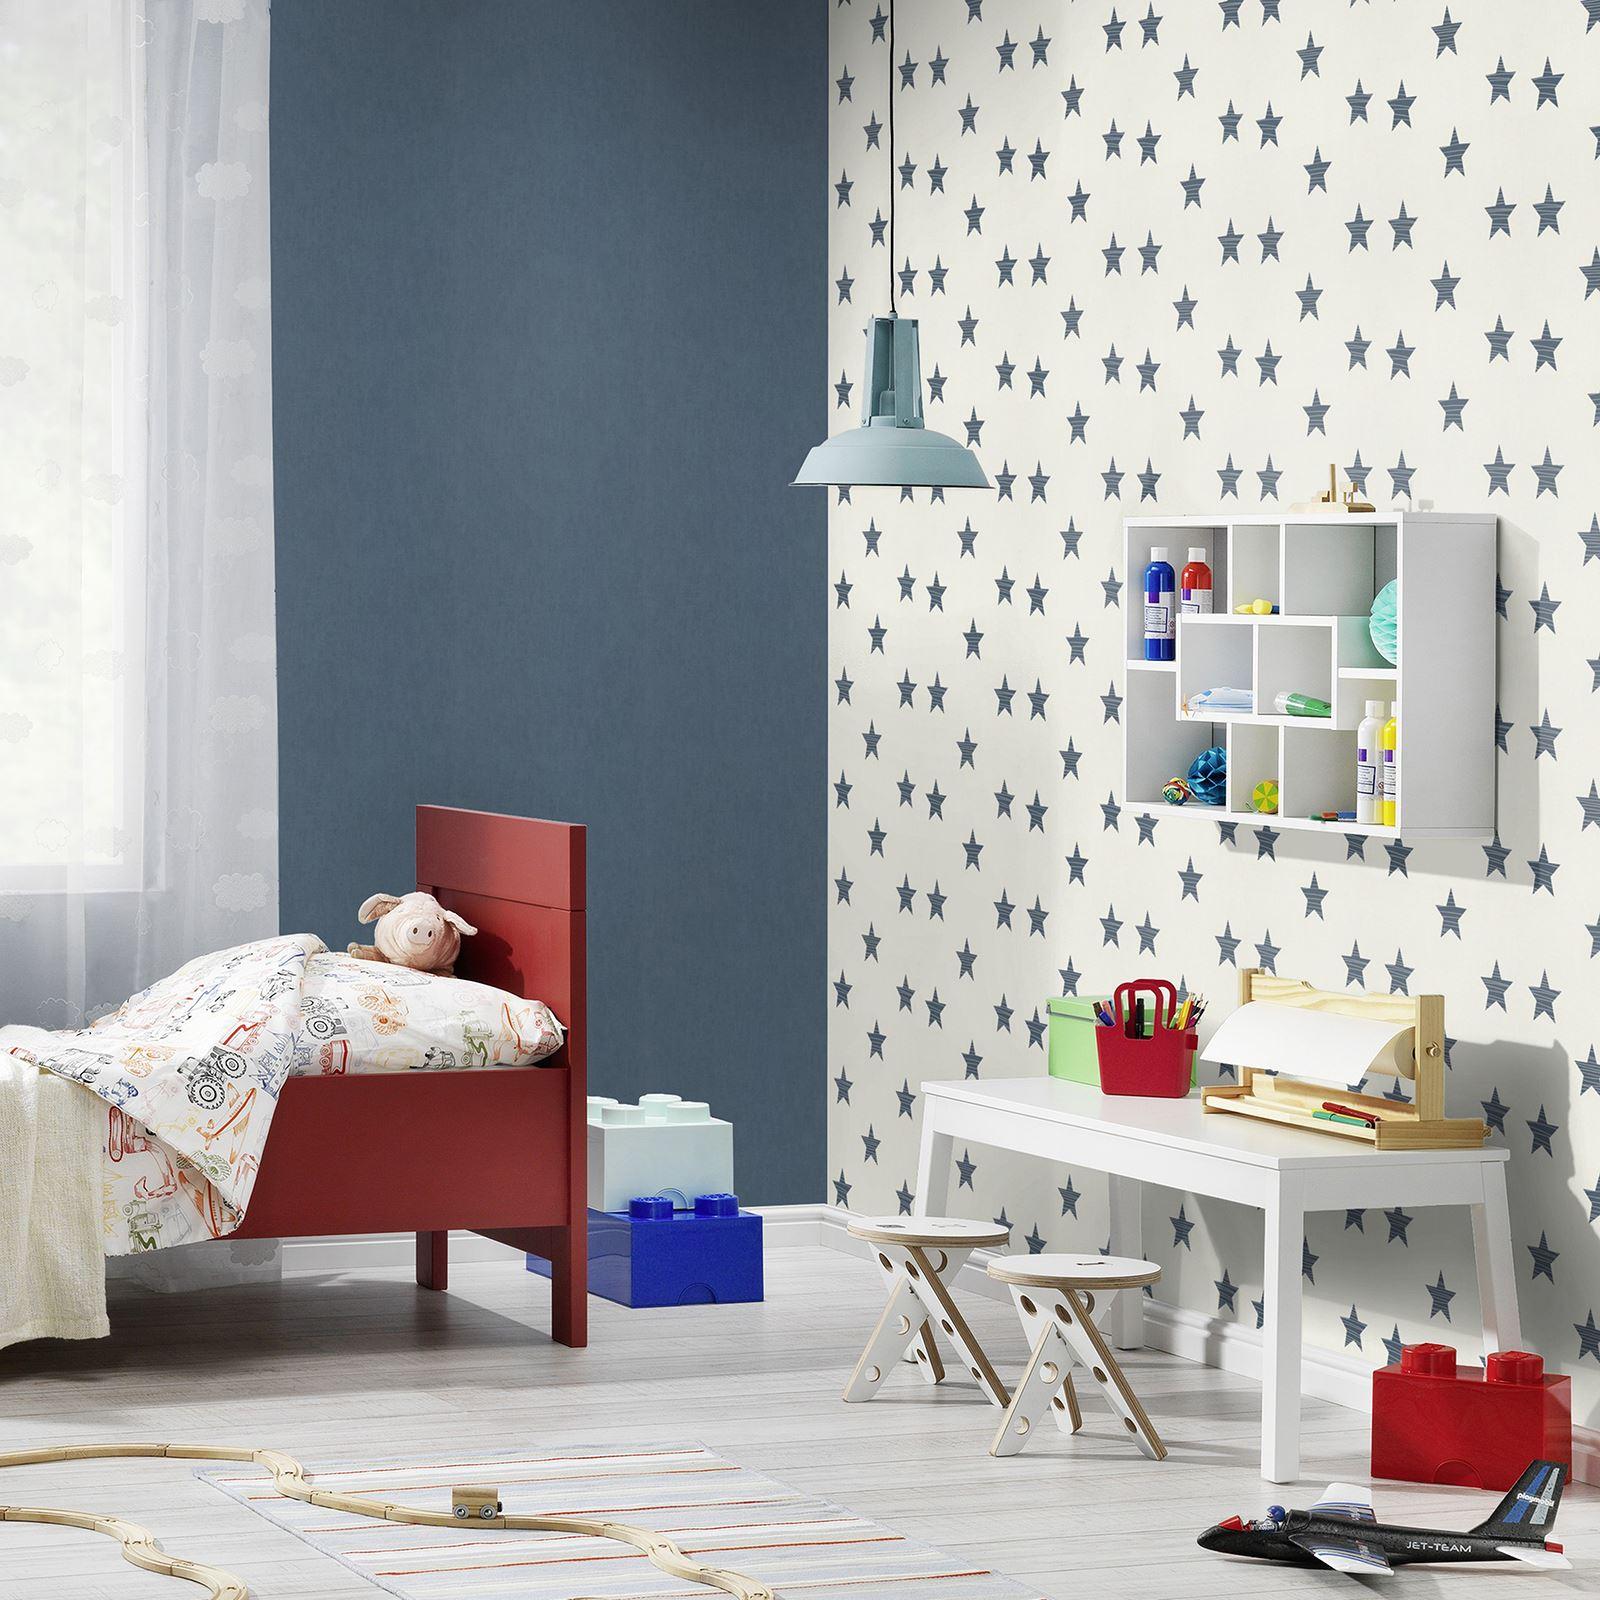 Details zu Rasch Stars Tapete - Kinder Schlafzimmer / Kinderzimmer Grau  Rosa Blau